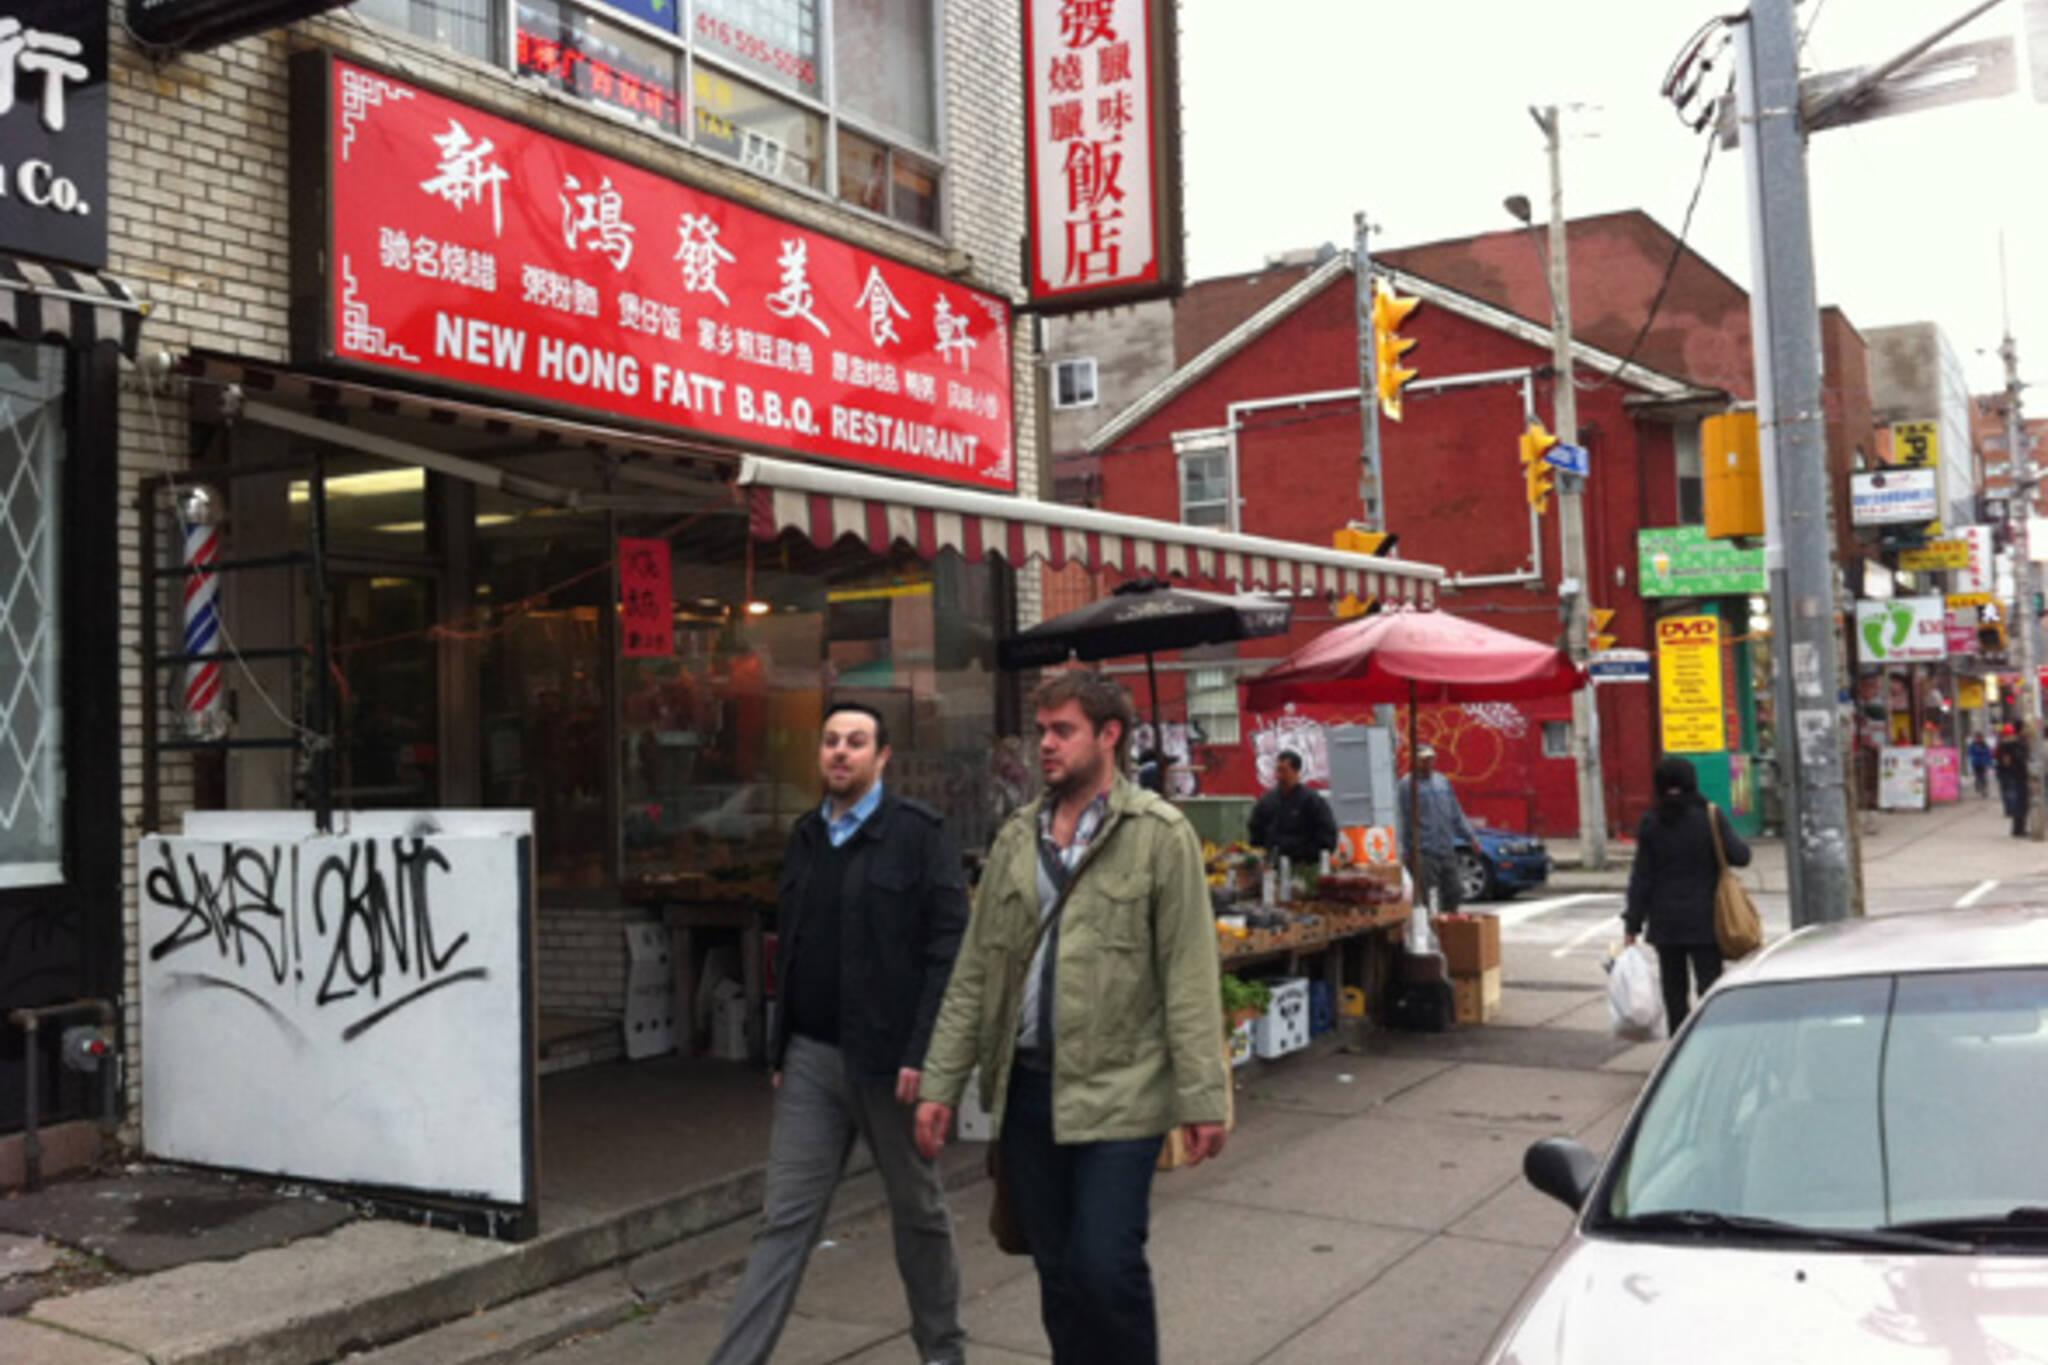 New Hong Fatt BBQ Restaurant